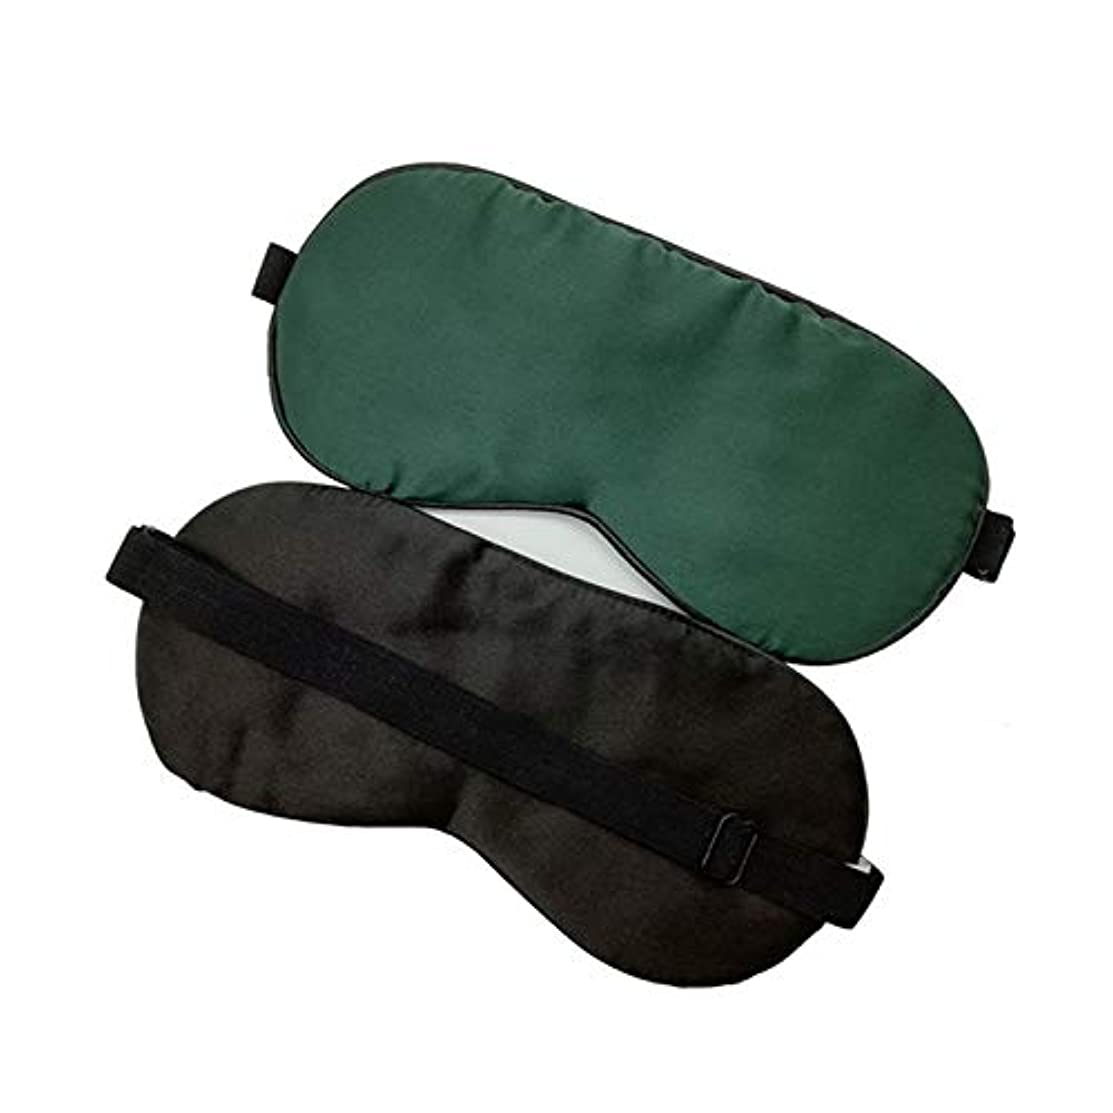 注意純粋なシルクの睡眠アイマスク濃い緑色両サイドのシルクアイカバーシェード柔らかい滑らかな目隠し旅行リラックス補助小サイズ